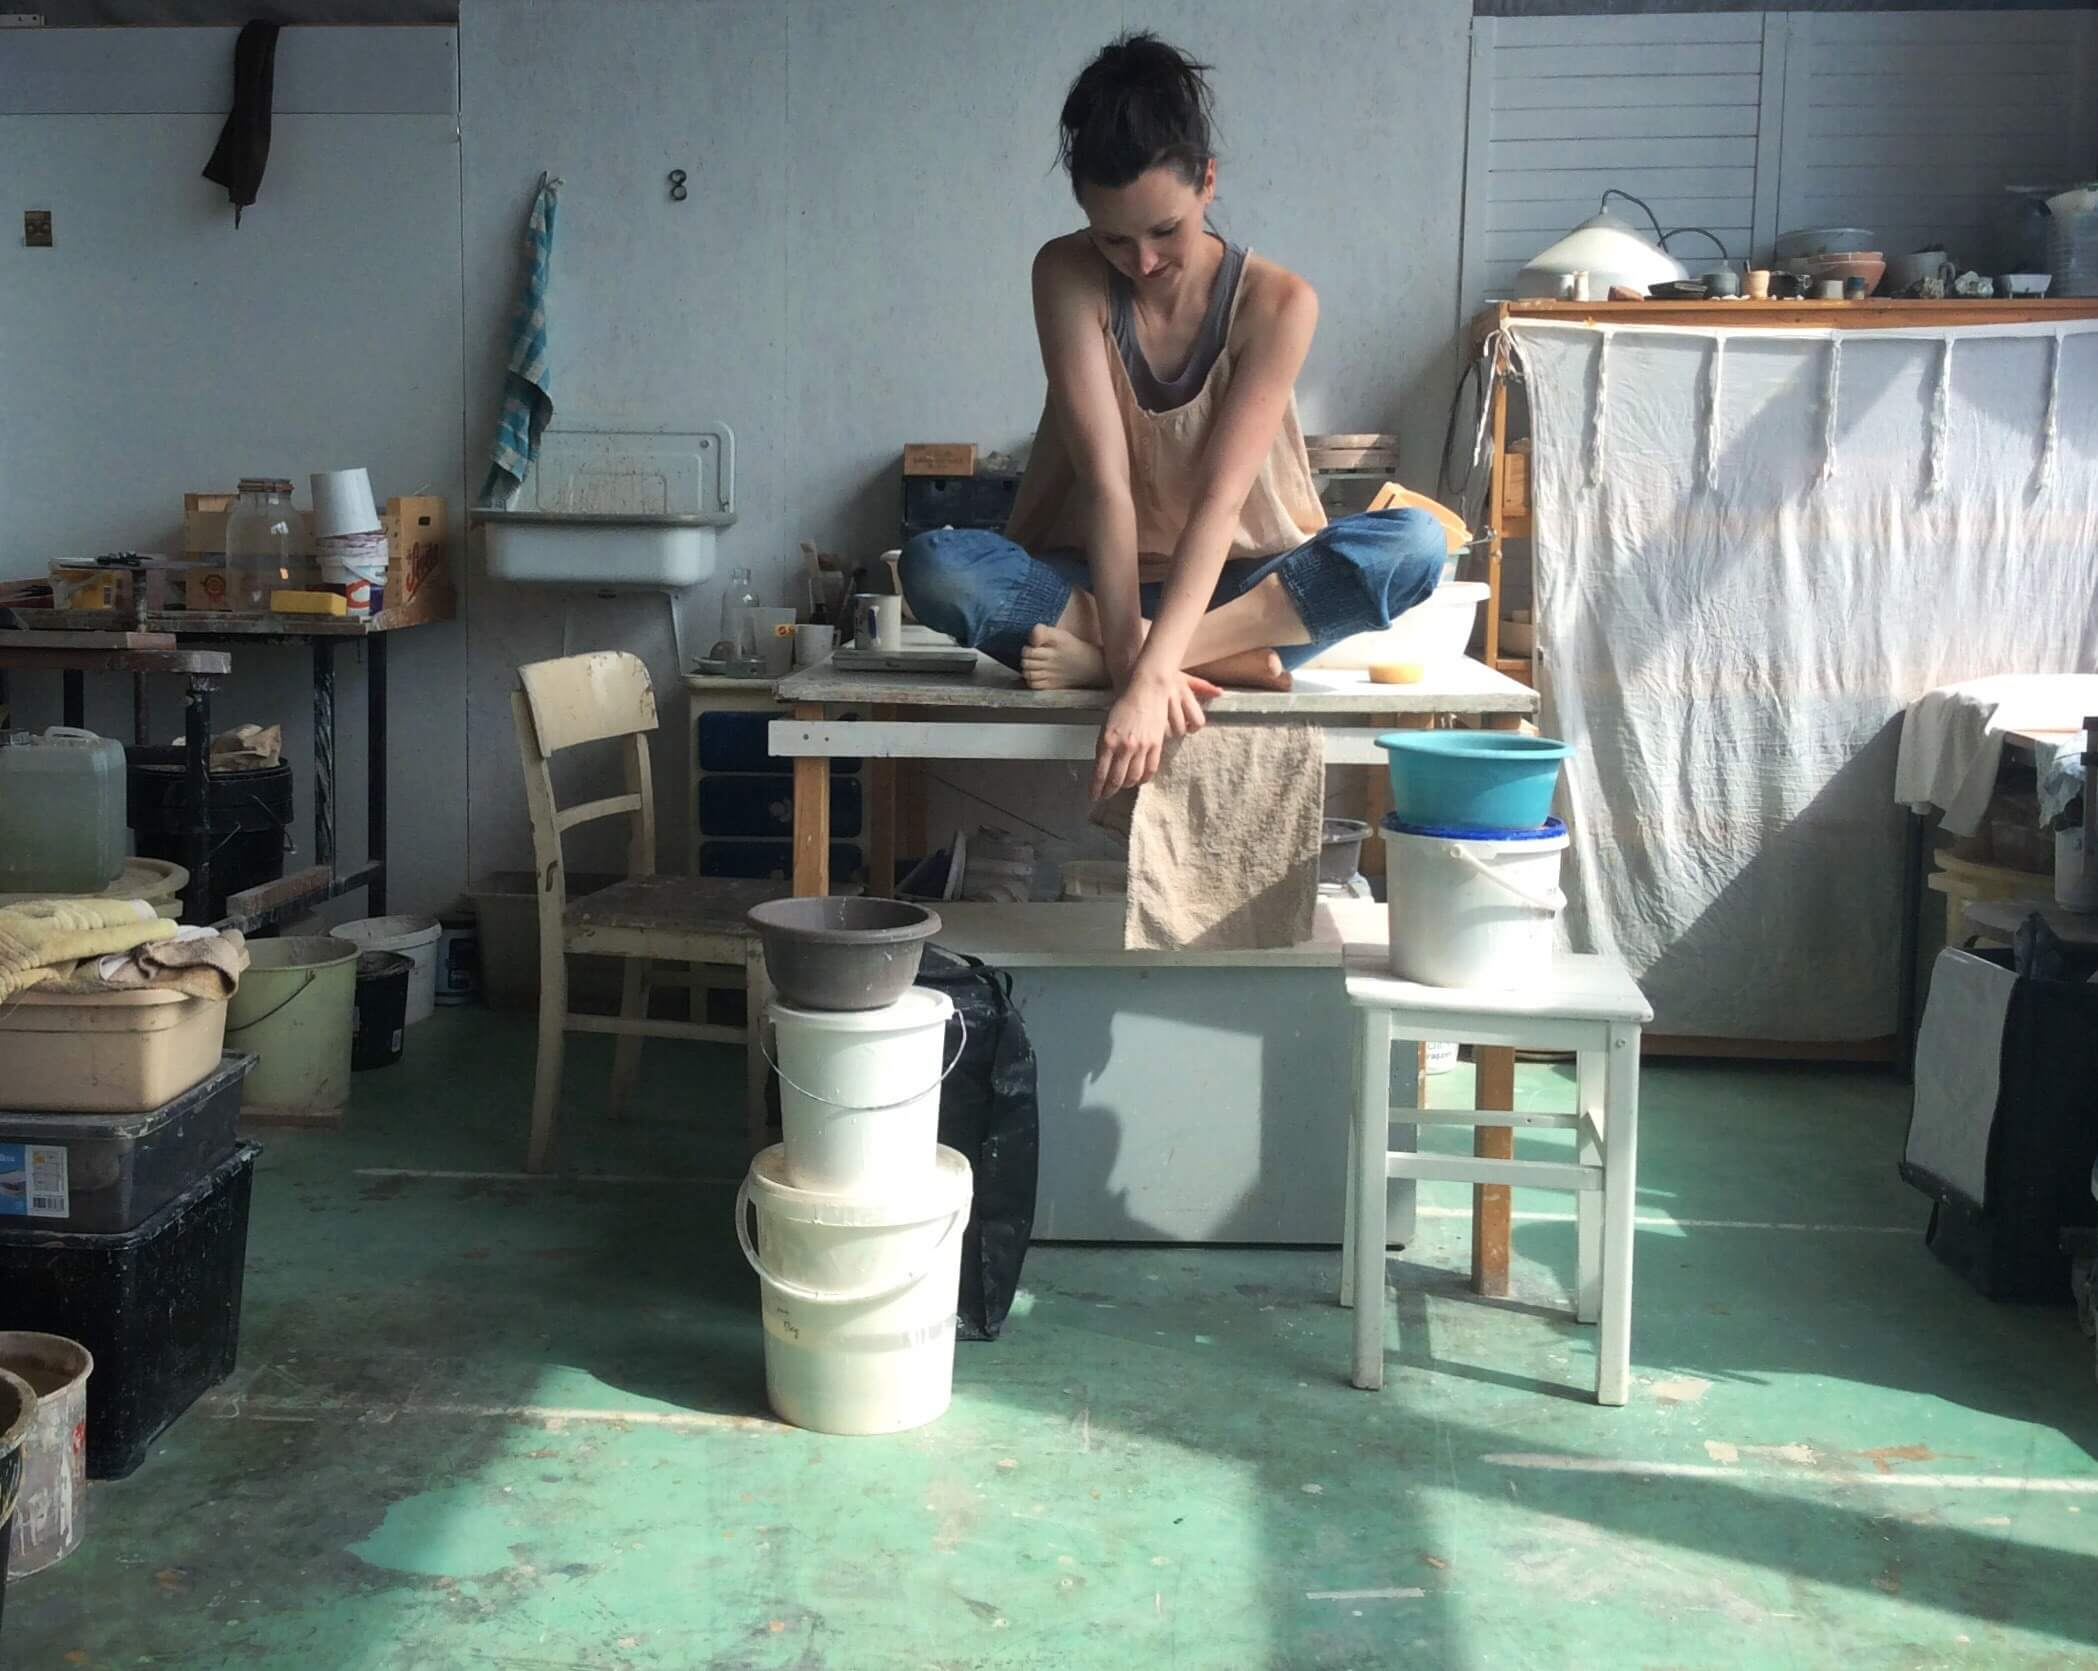 Gesunder Kalter Hund im Miniformat und tolle Keramik von Tina Kami